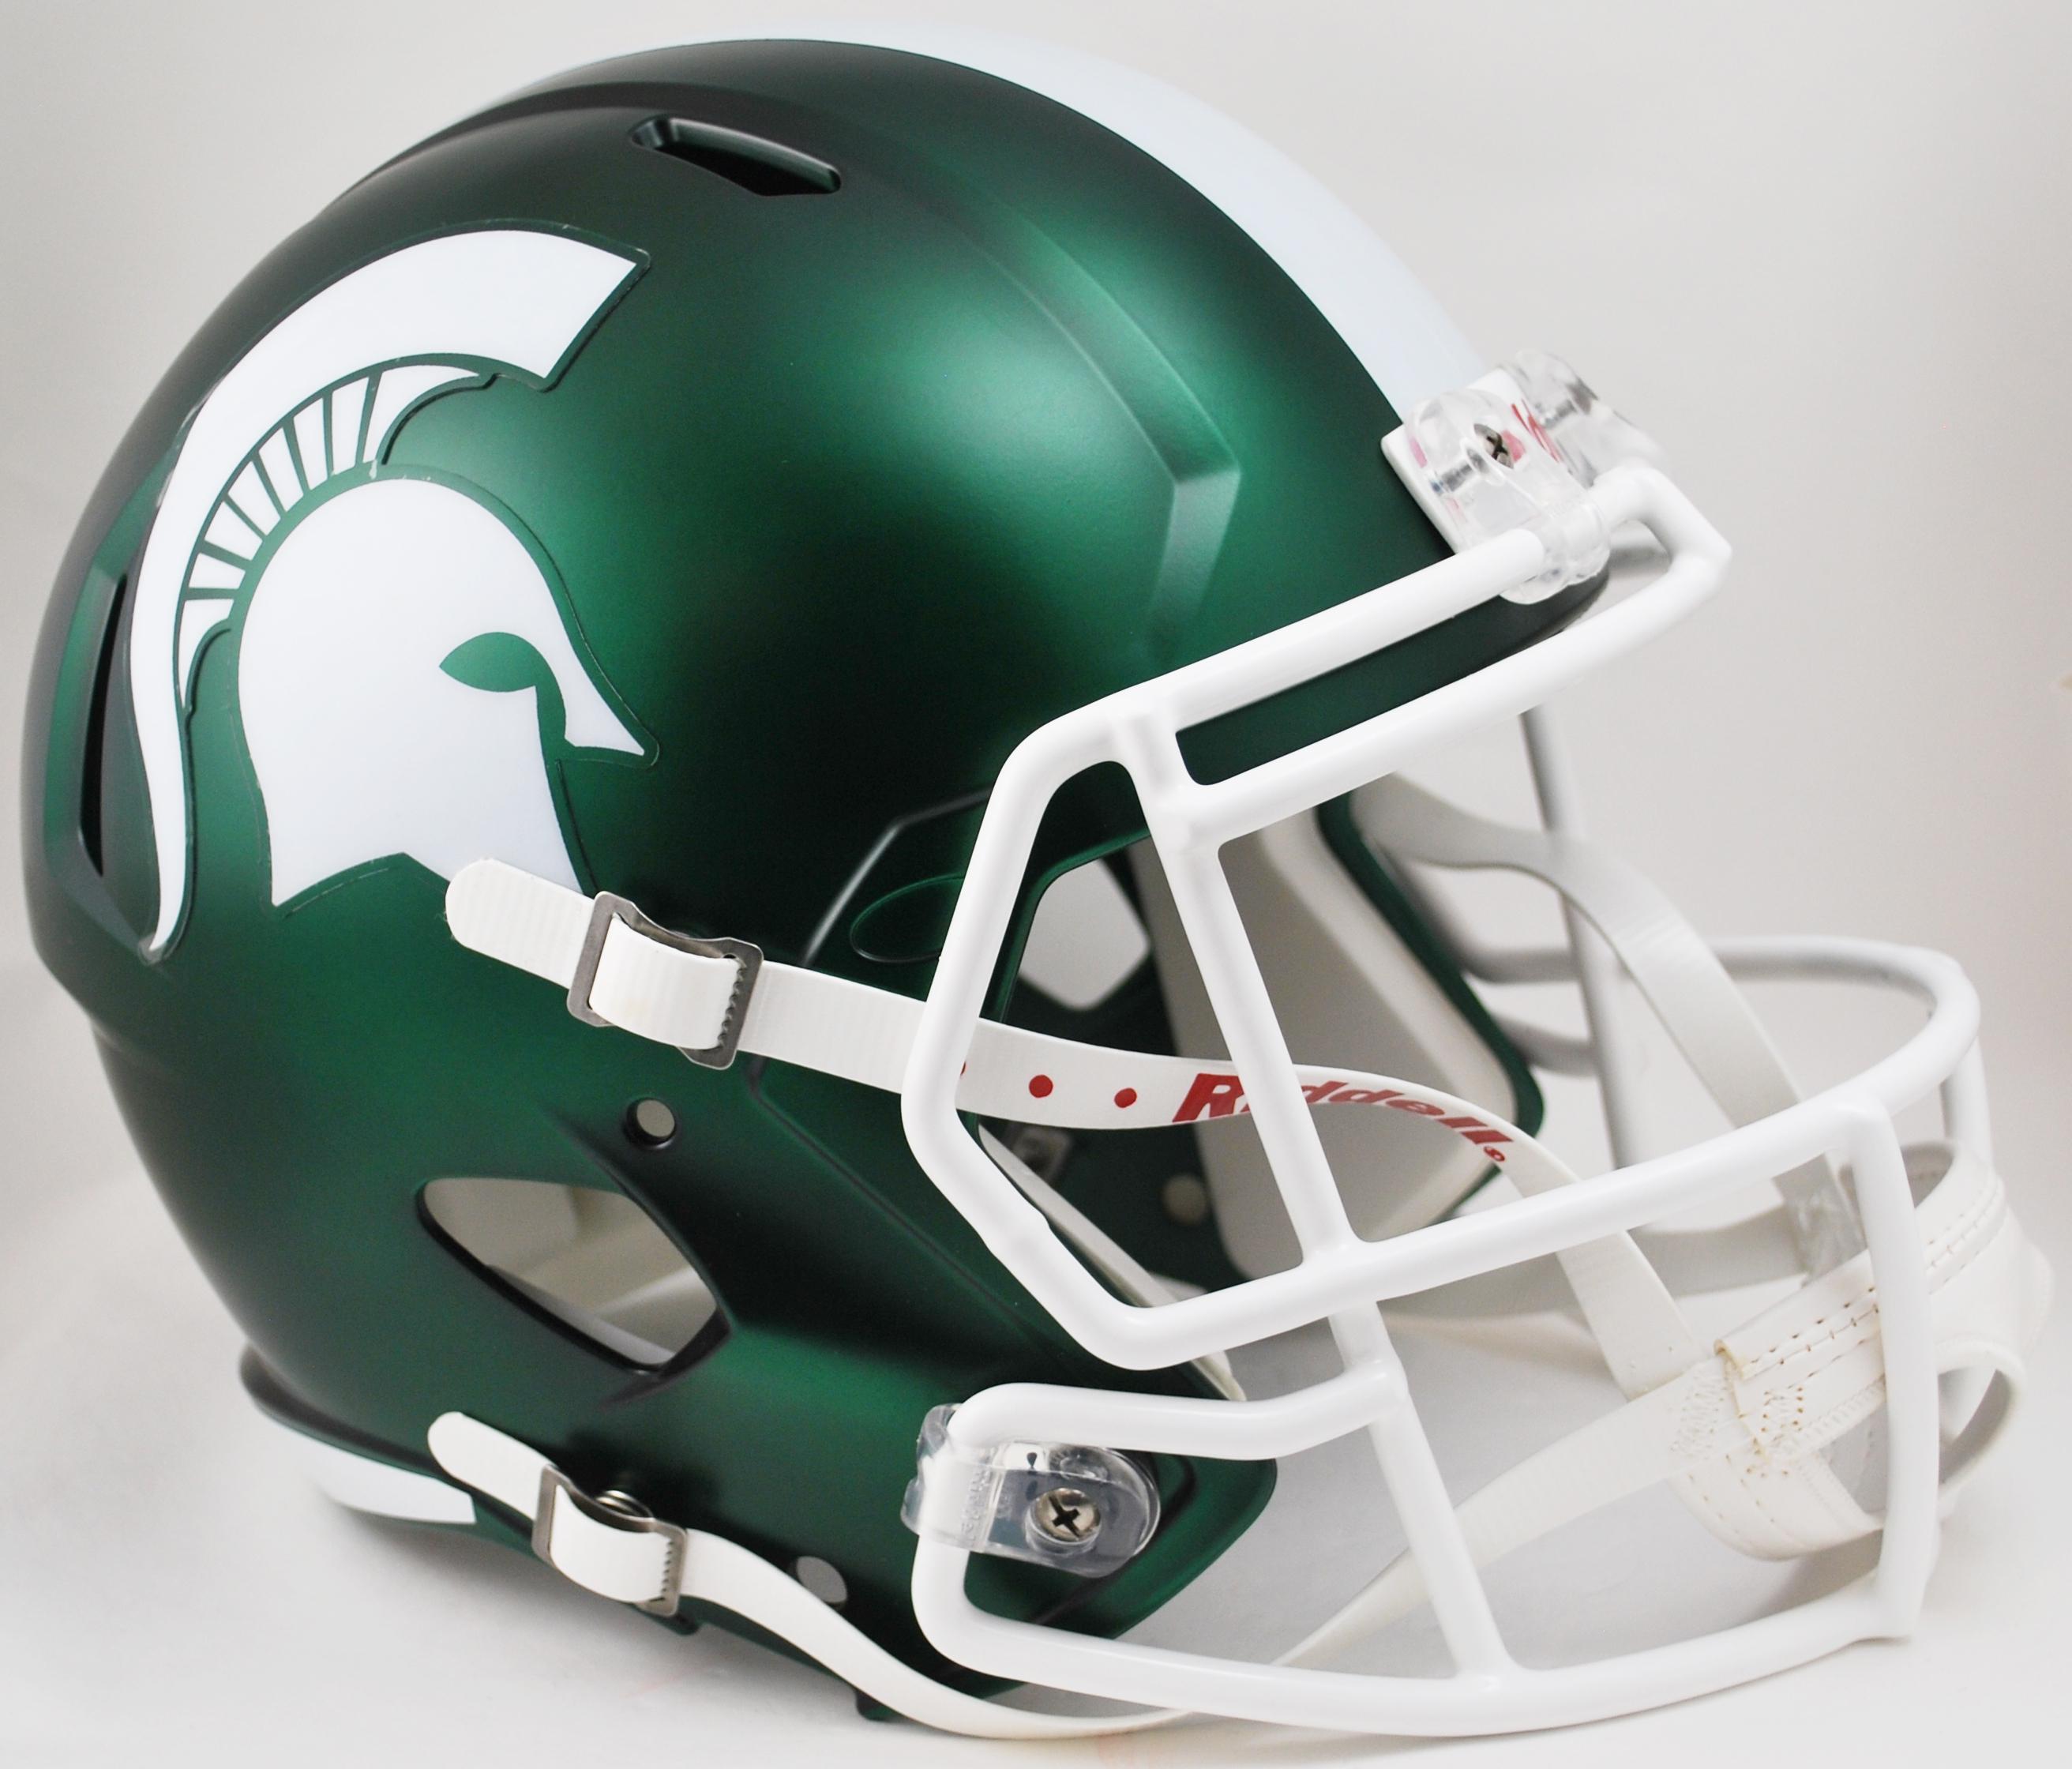 Michigan State Spartans Speed Replica Football Helmet <B>Satin Green</B>